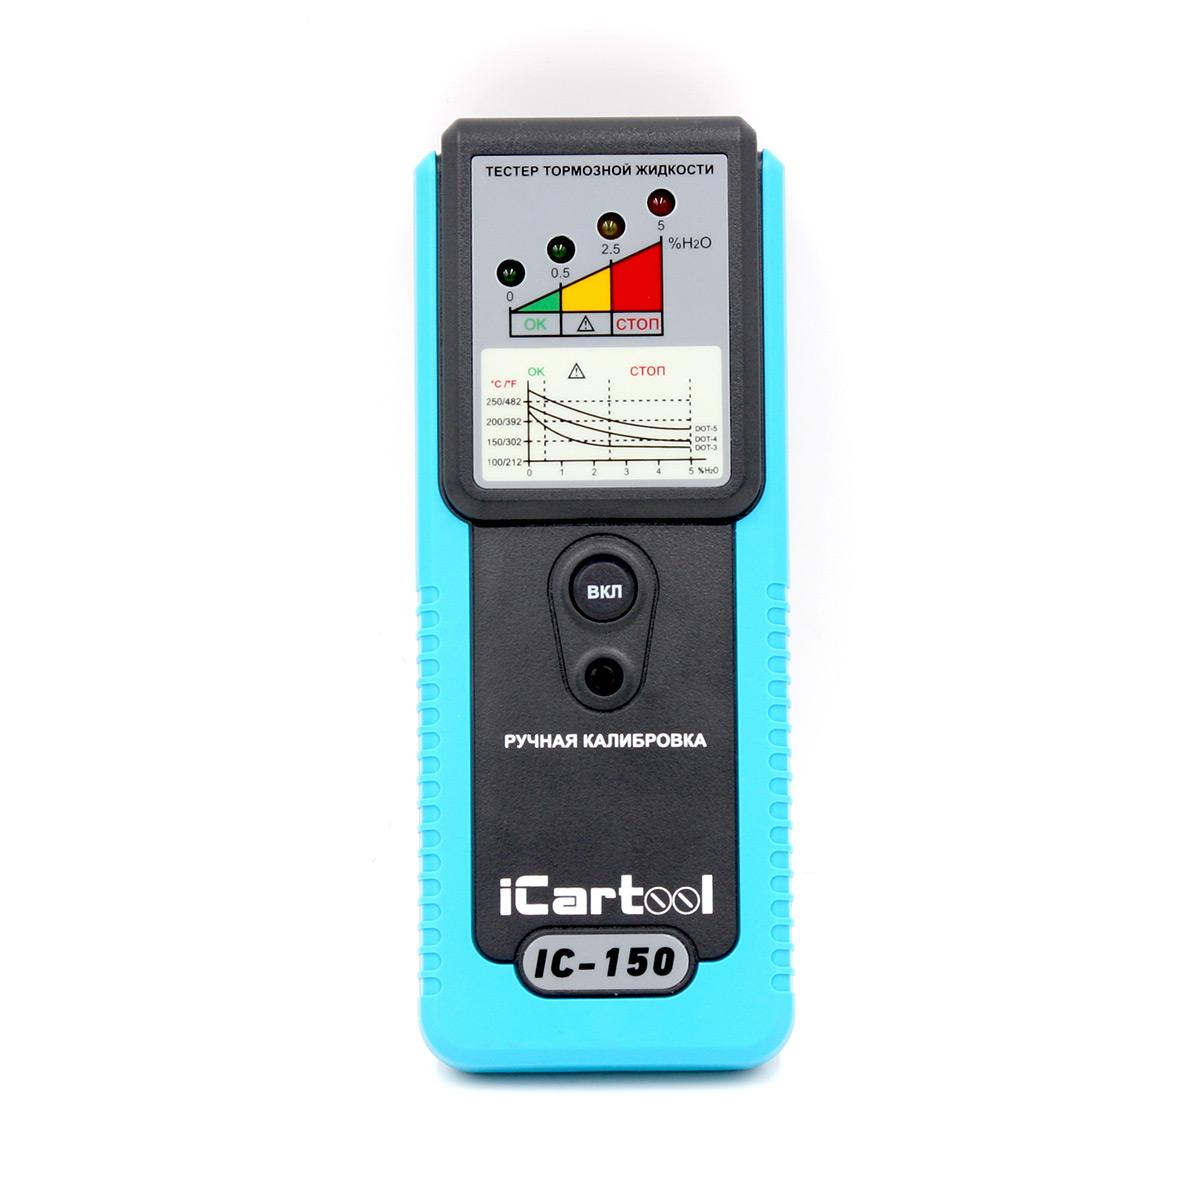 Тестер тормозной жидкости с функцией калибровки iCartool IC-150